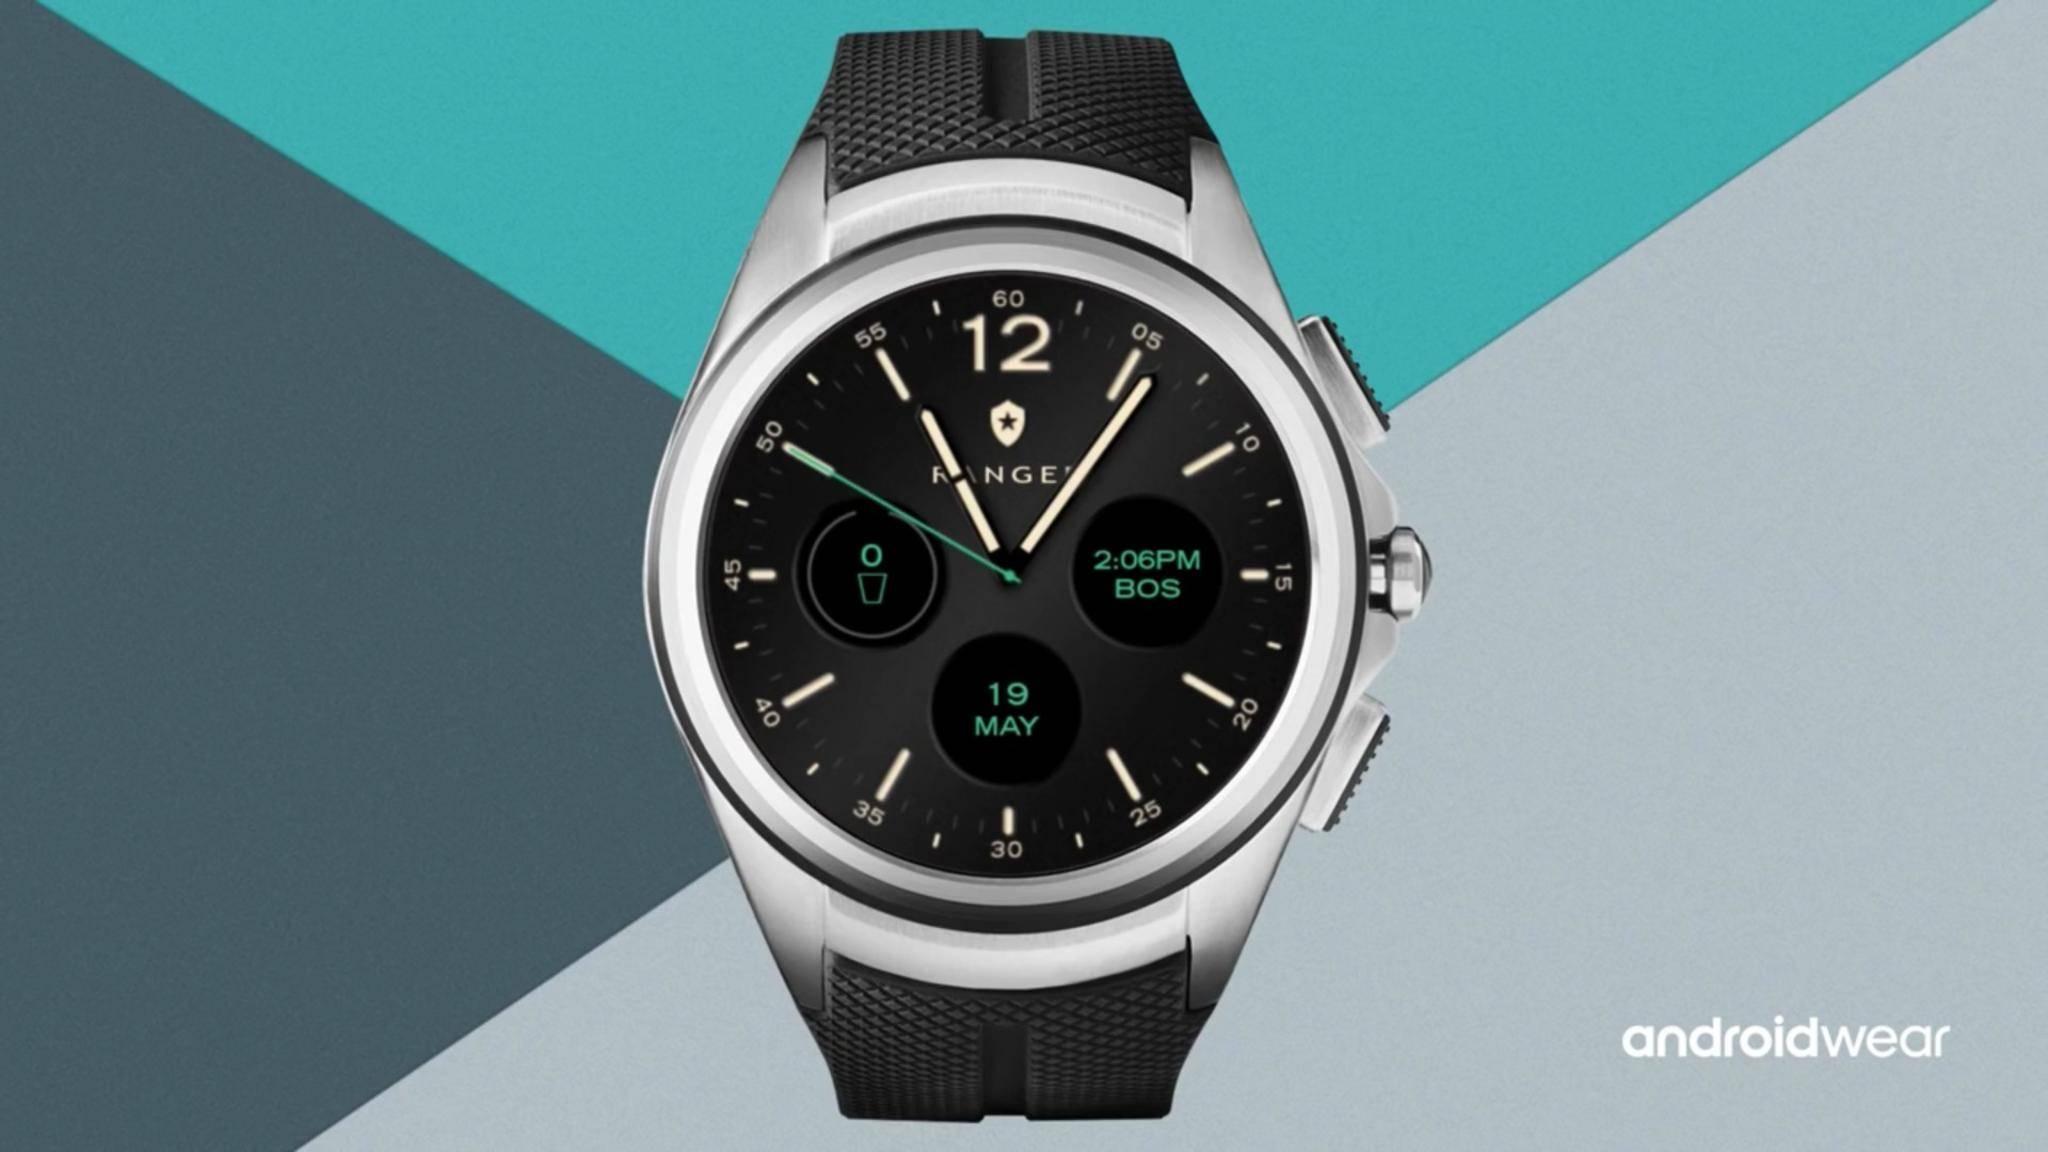 Mit Android Wear 2.0 sollen Watchfaces einfacher anzupassen sein.